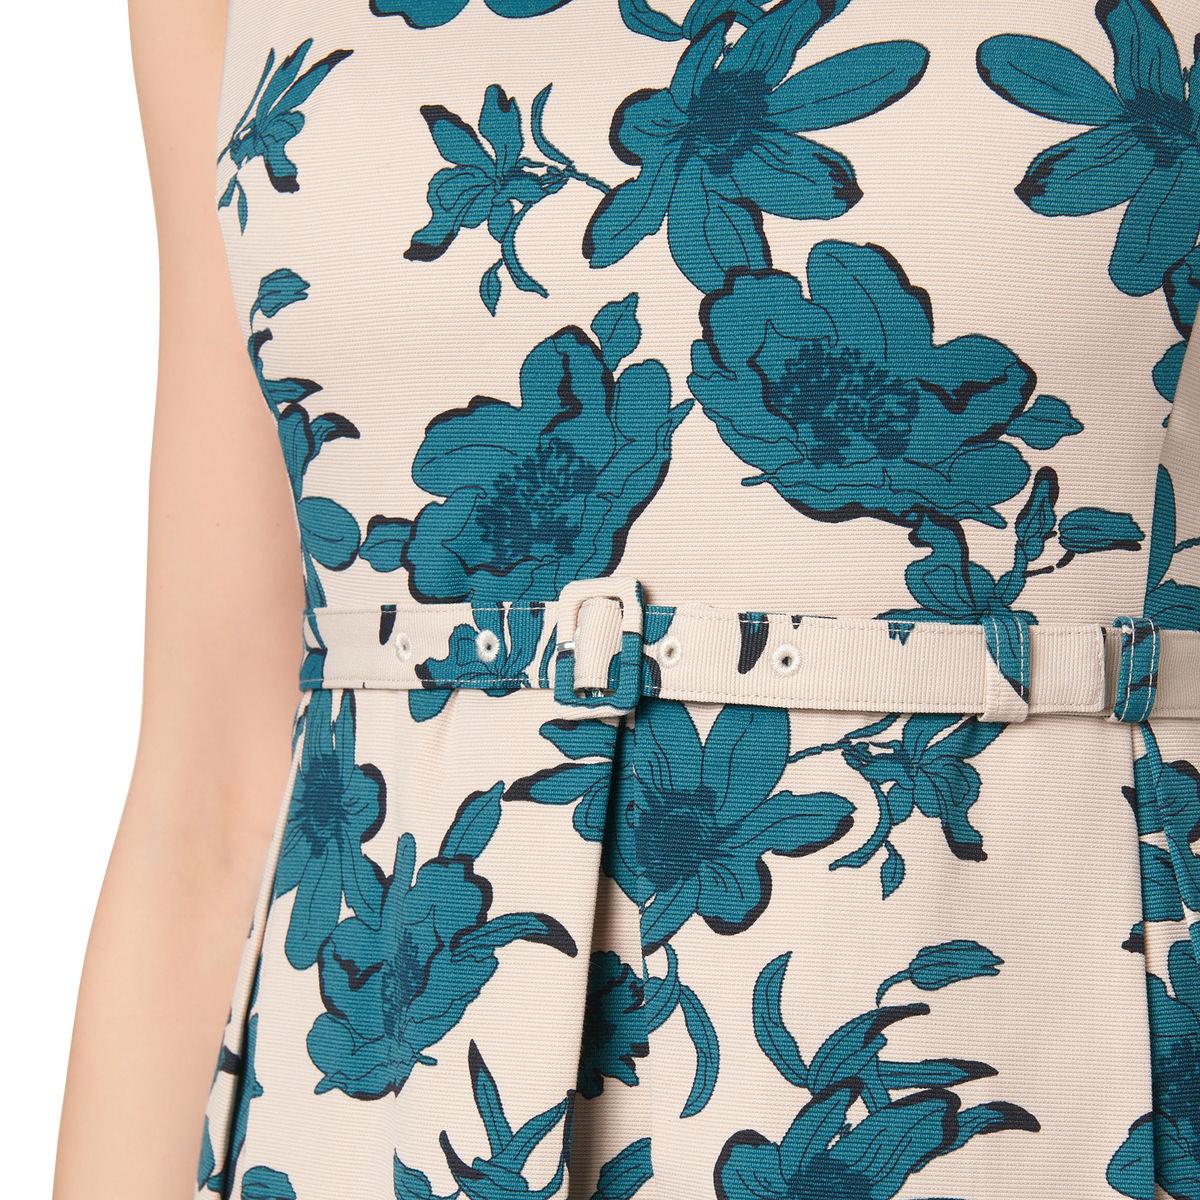 Kleid mit Allover-Blüten-Print in teal green